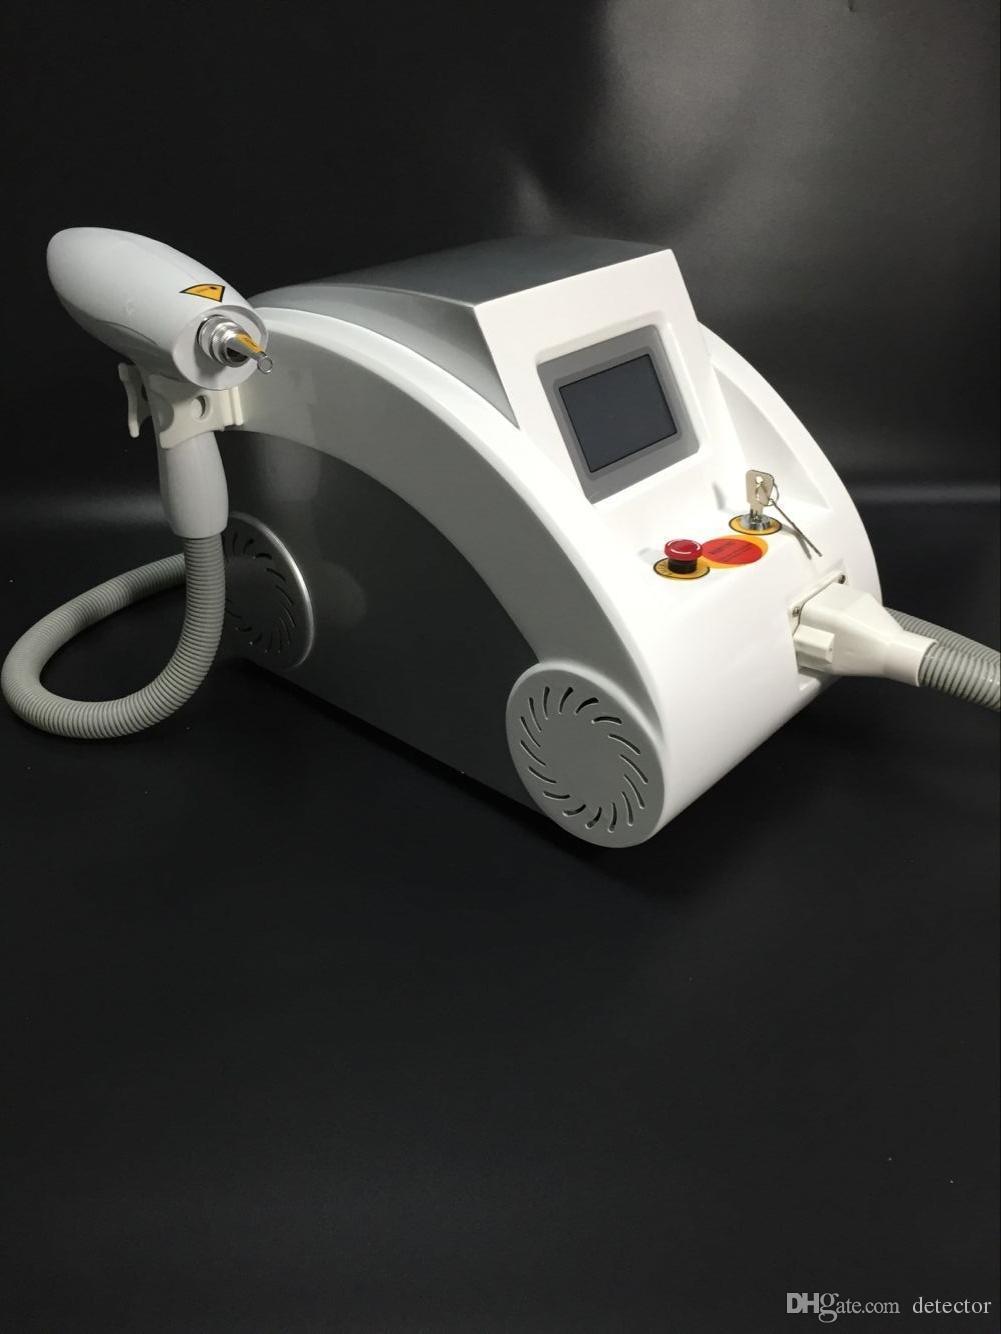 2000MJ tela sensível ao toque 1000w Q comutada nd yag laser beleza máquina tatuagem remoção remoção de acne cicatriz 1320nm 1064nm 532nm